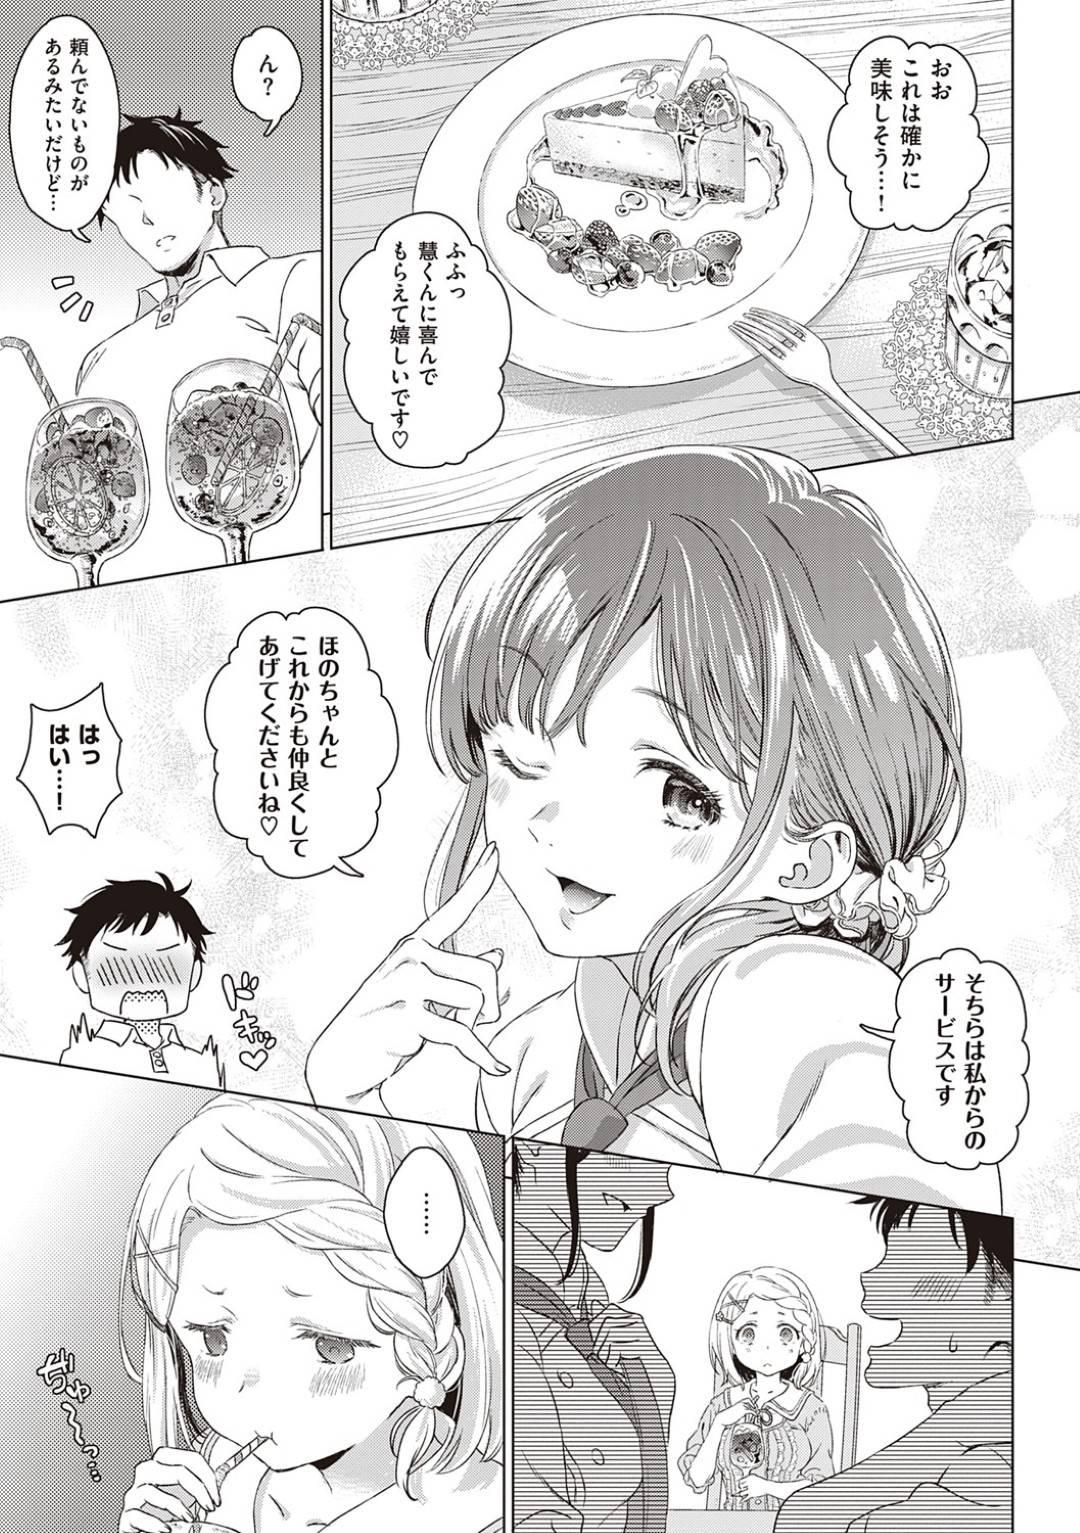 【エロ漫画】高校の頃からの友達が働く喫茶店に彼氏を連れてきた巨乳彼女…しかし友達と彼氏が仲良く話している姿を見てヤキモチを妬いてしまう!【箕山】